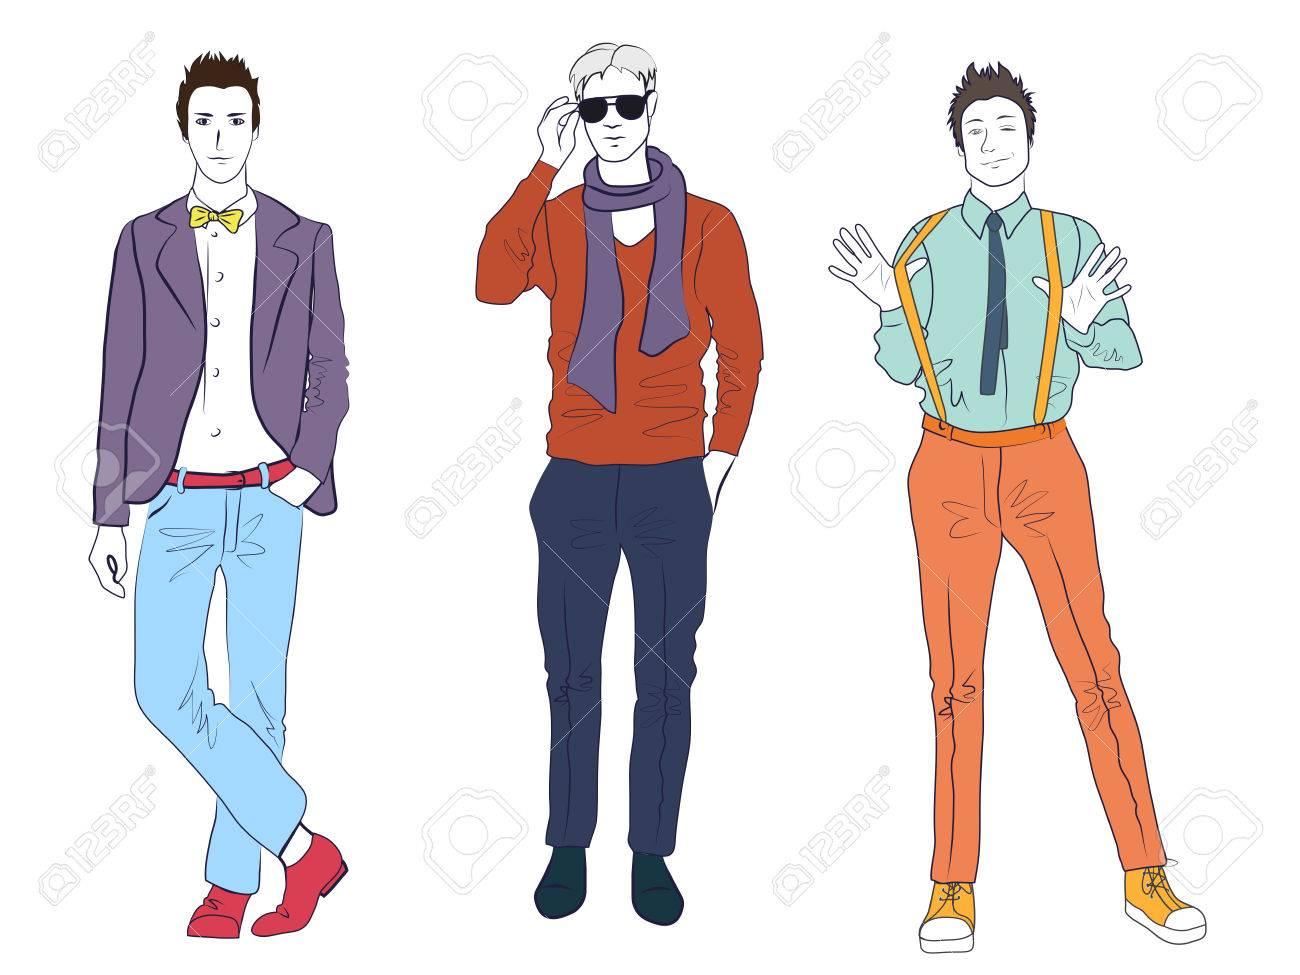 Modelos hombres jvenes y apuestos hombres en ropa de moda moderna foto de archivo modelos hombres jvenes y apuestos hombres en ropa de moda moderna ocasional aislados planos de croquis hombre lnea de personas altavistaventures Choice Image